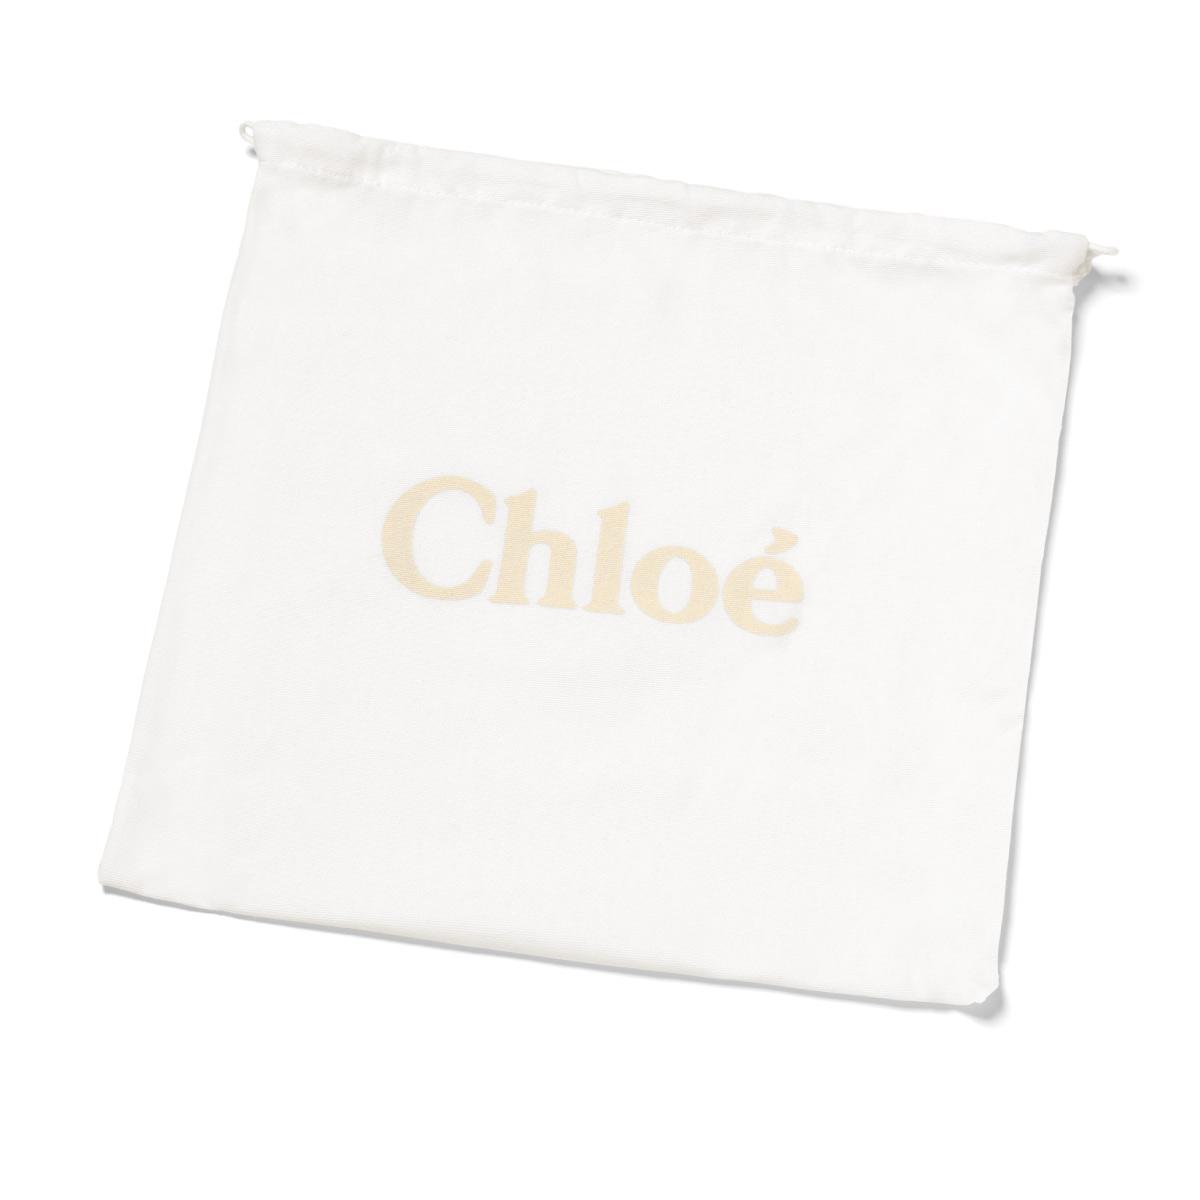 CHLOE クロエ | ショルダーバッグ | ALPHABET アルファベット